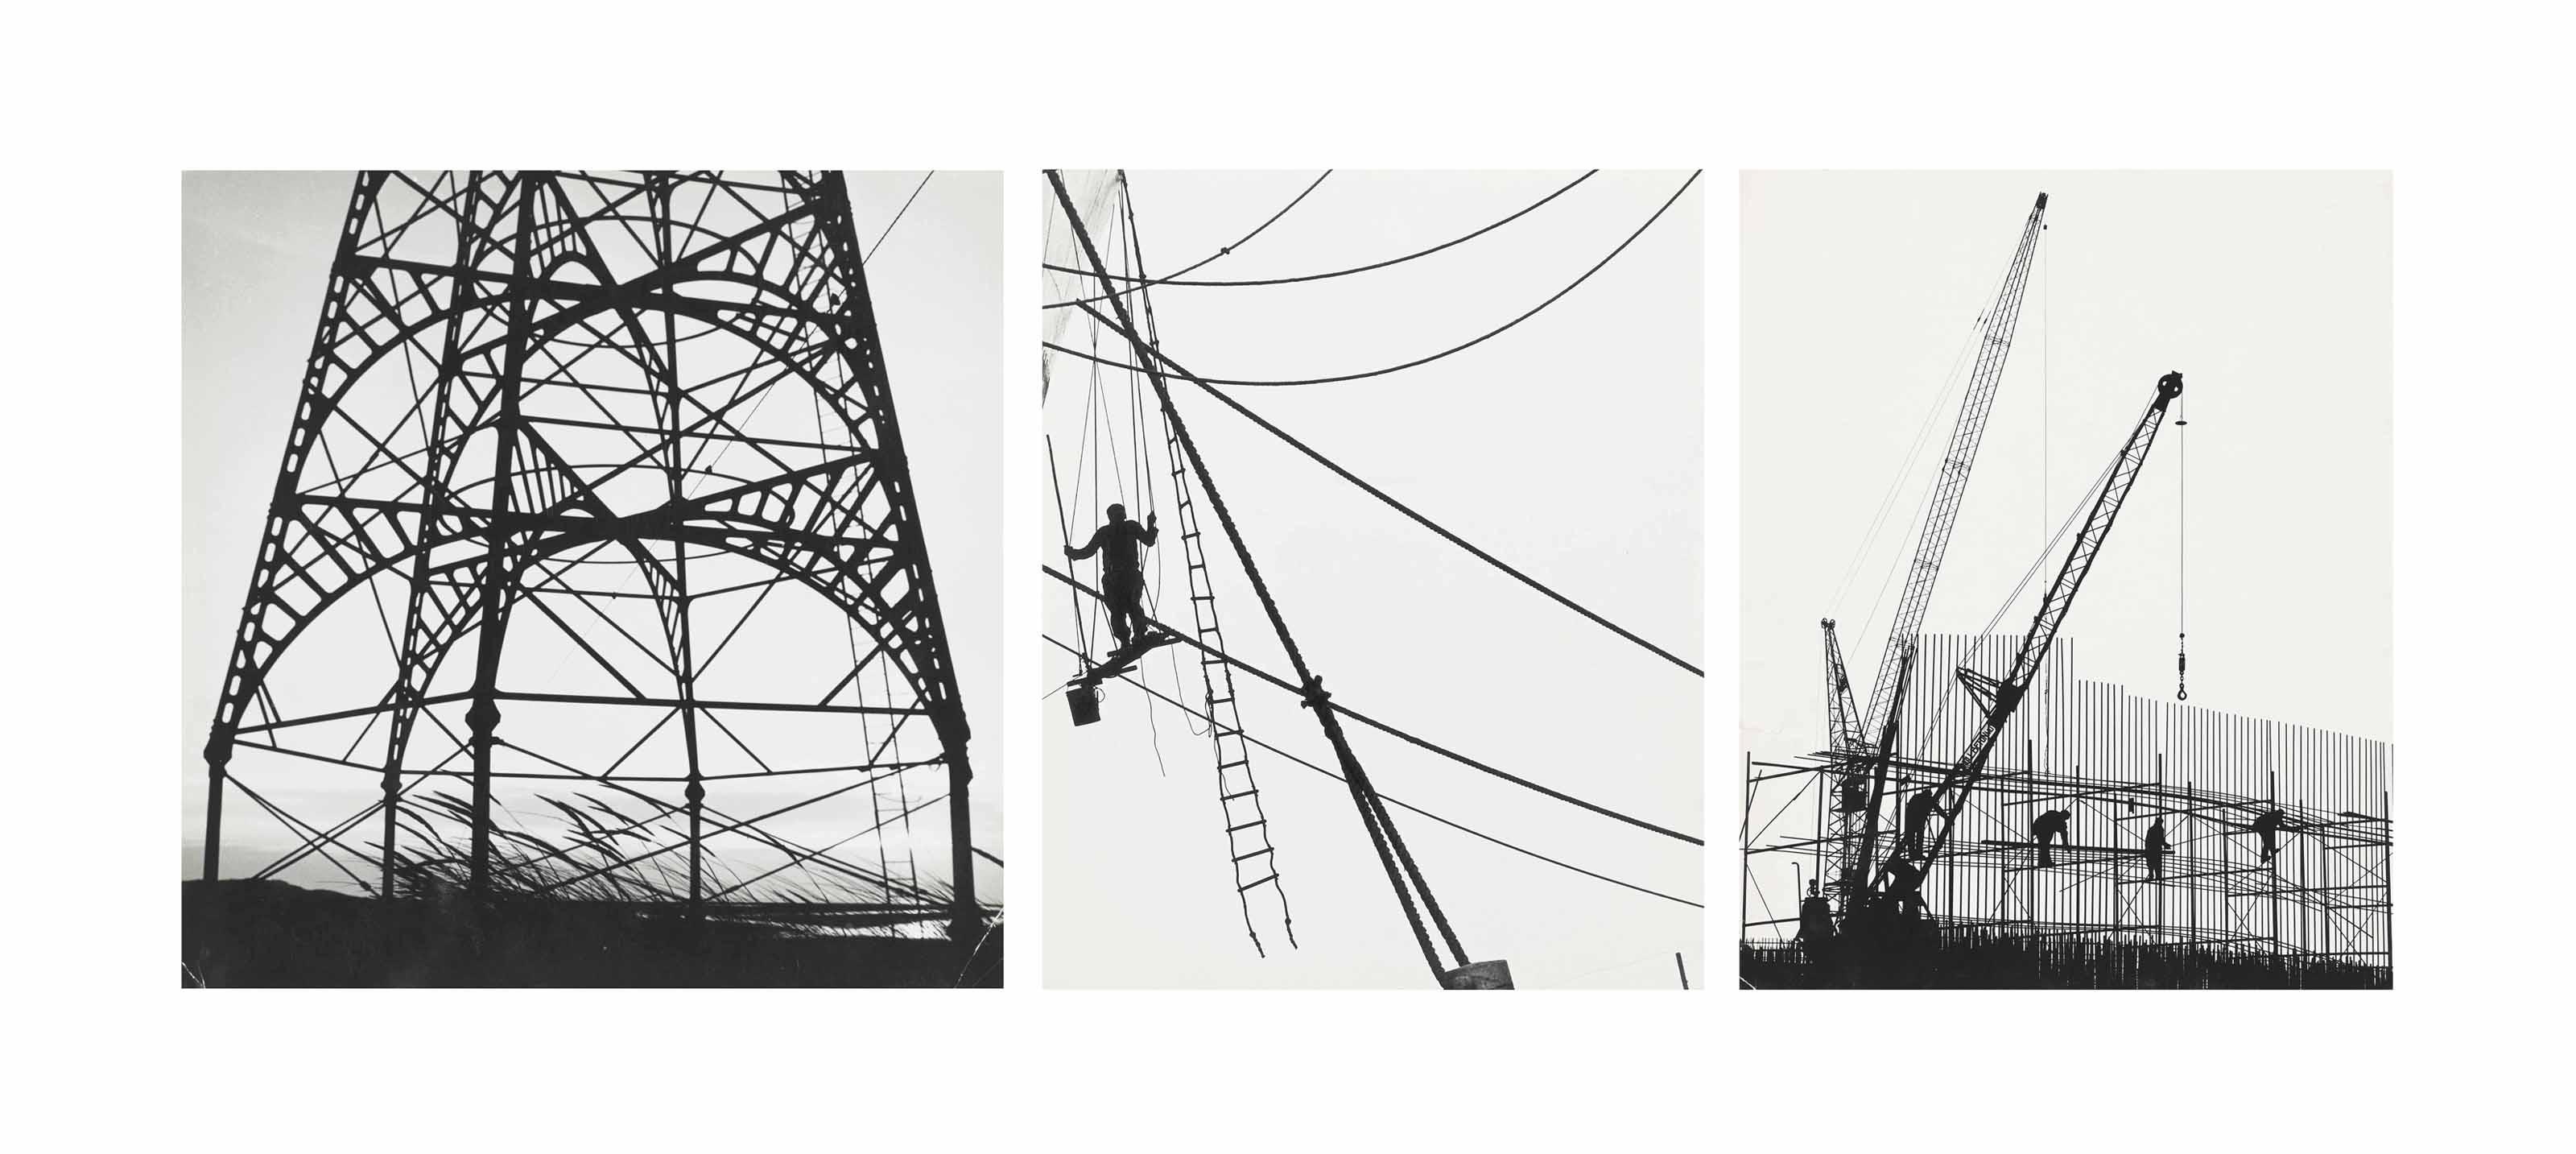 Construction Sites, c. 1960